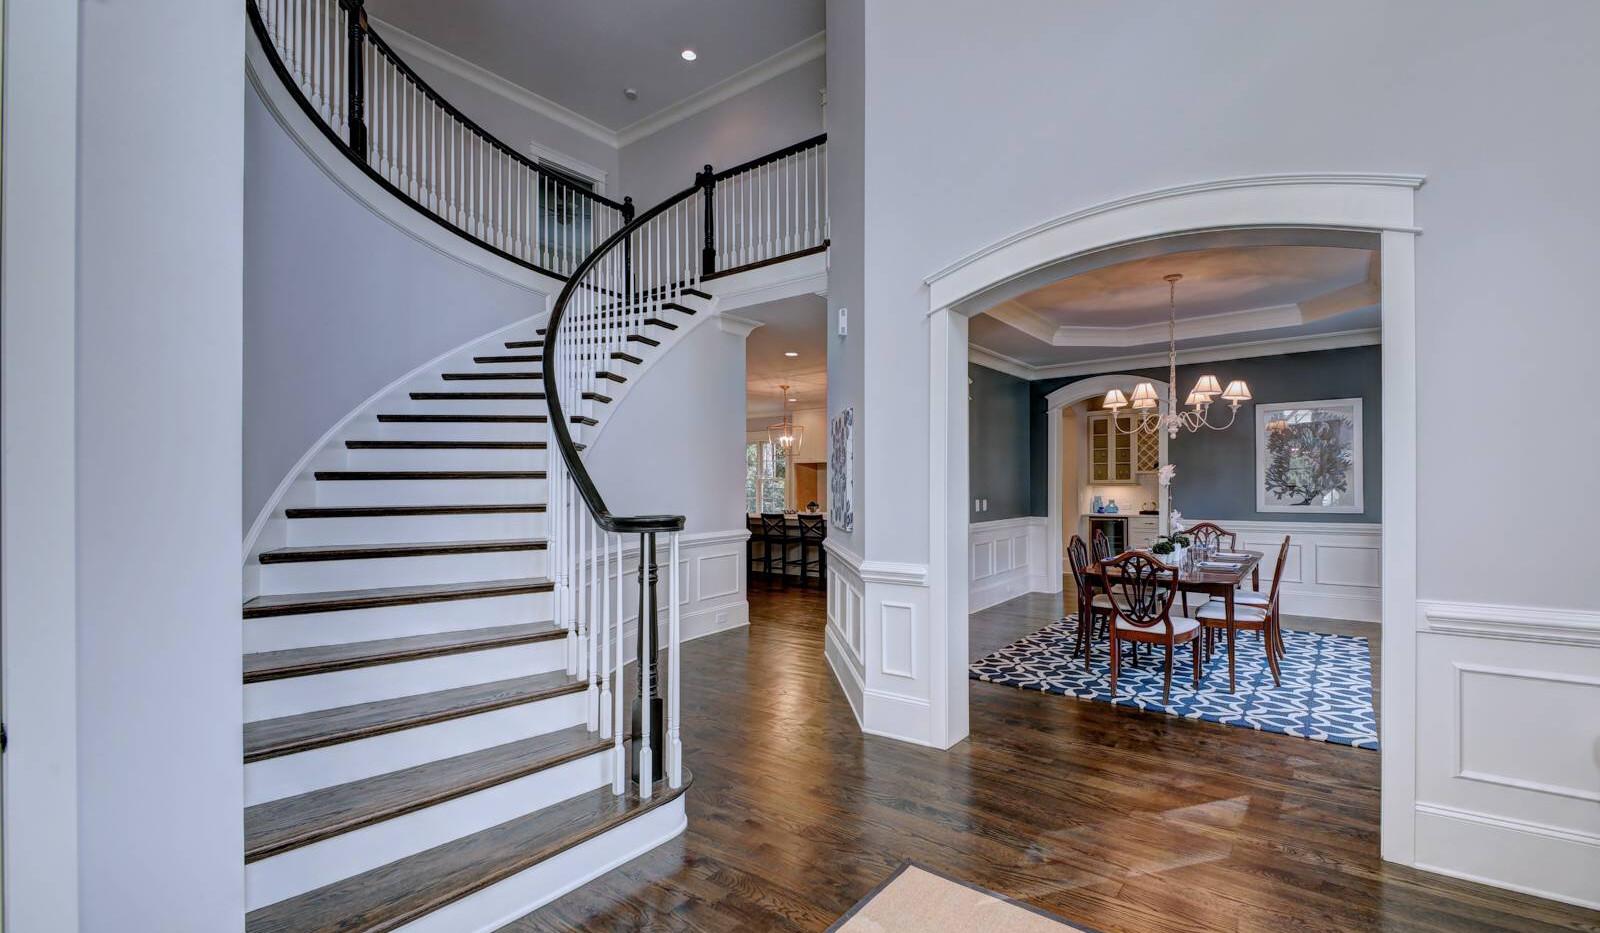 Foyer-Stair Case.jpg